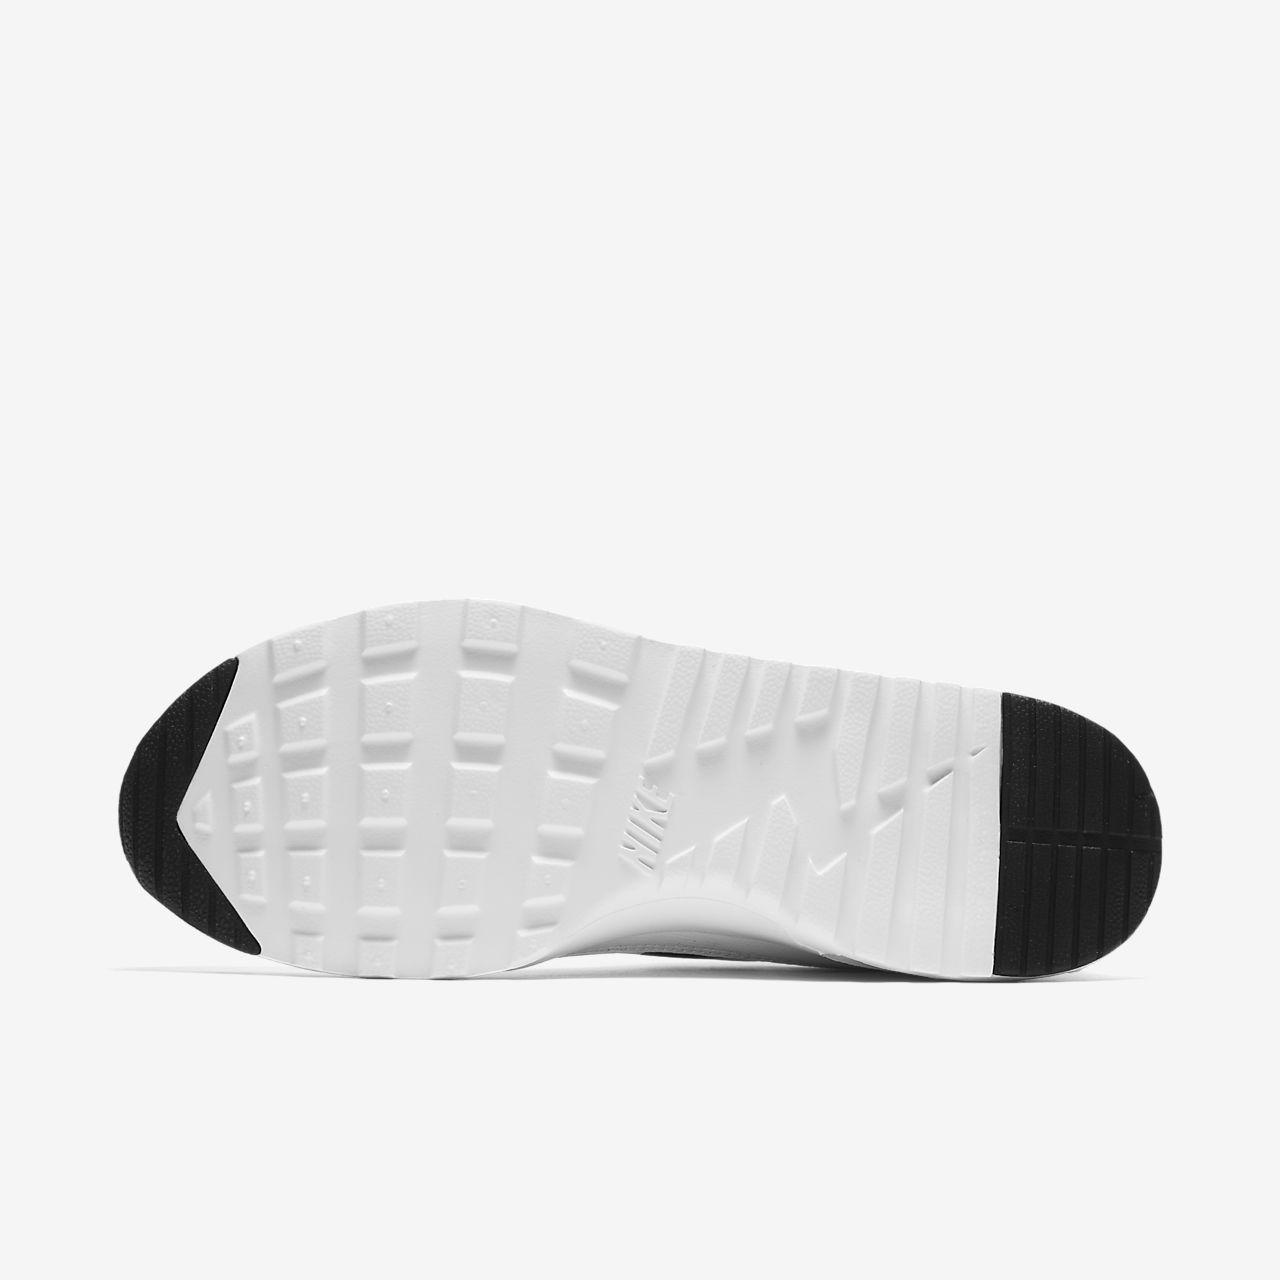 722051e6ea976 Nike Air Max Thea Damenschuh. Nike.com CH